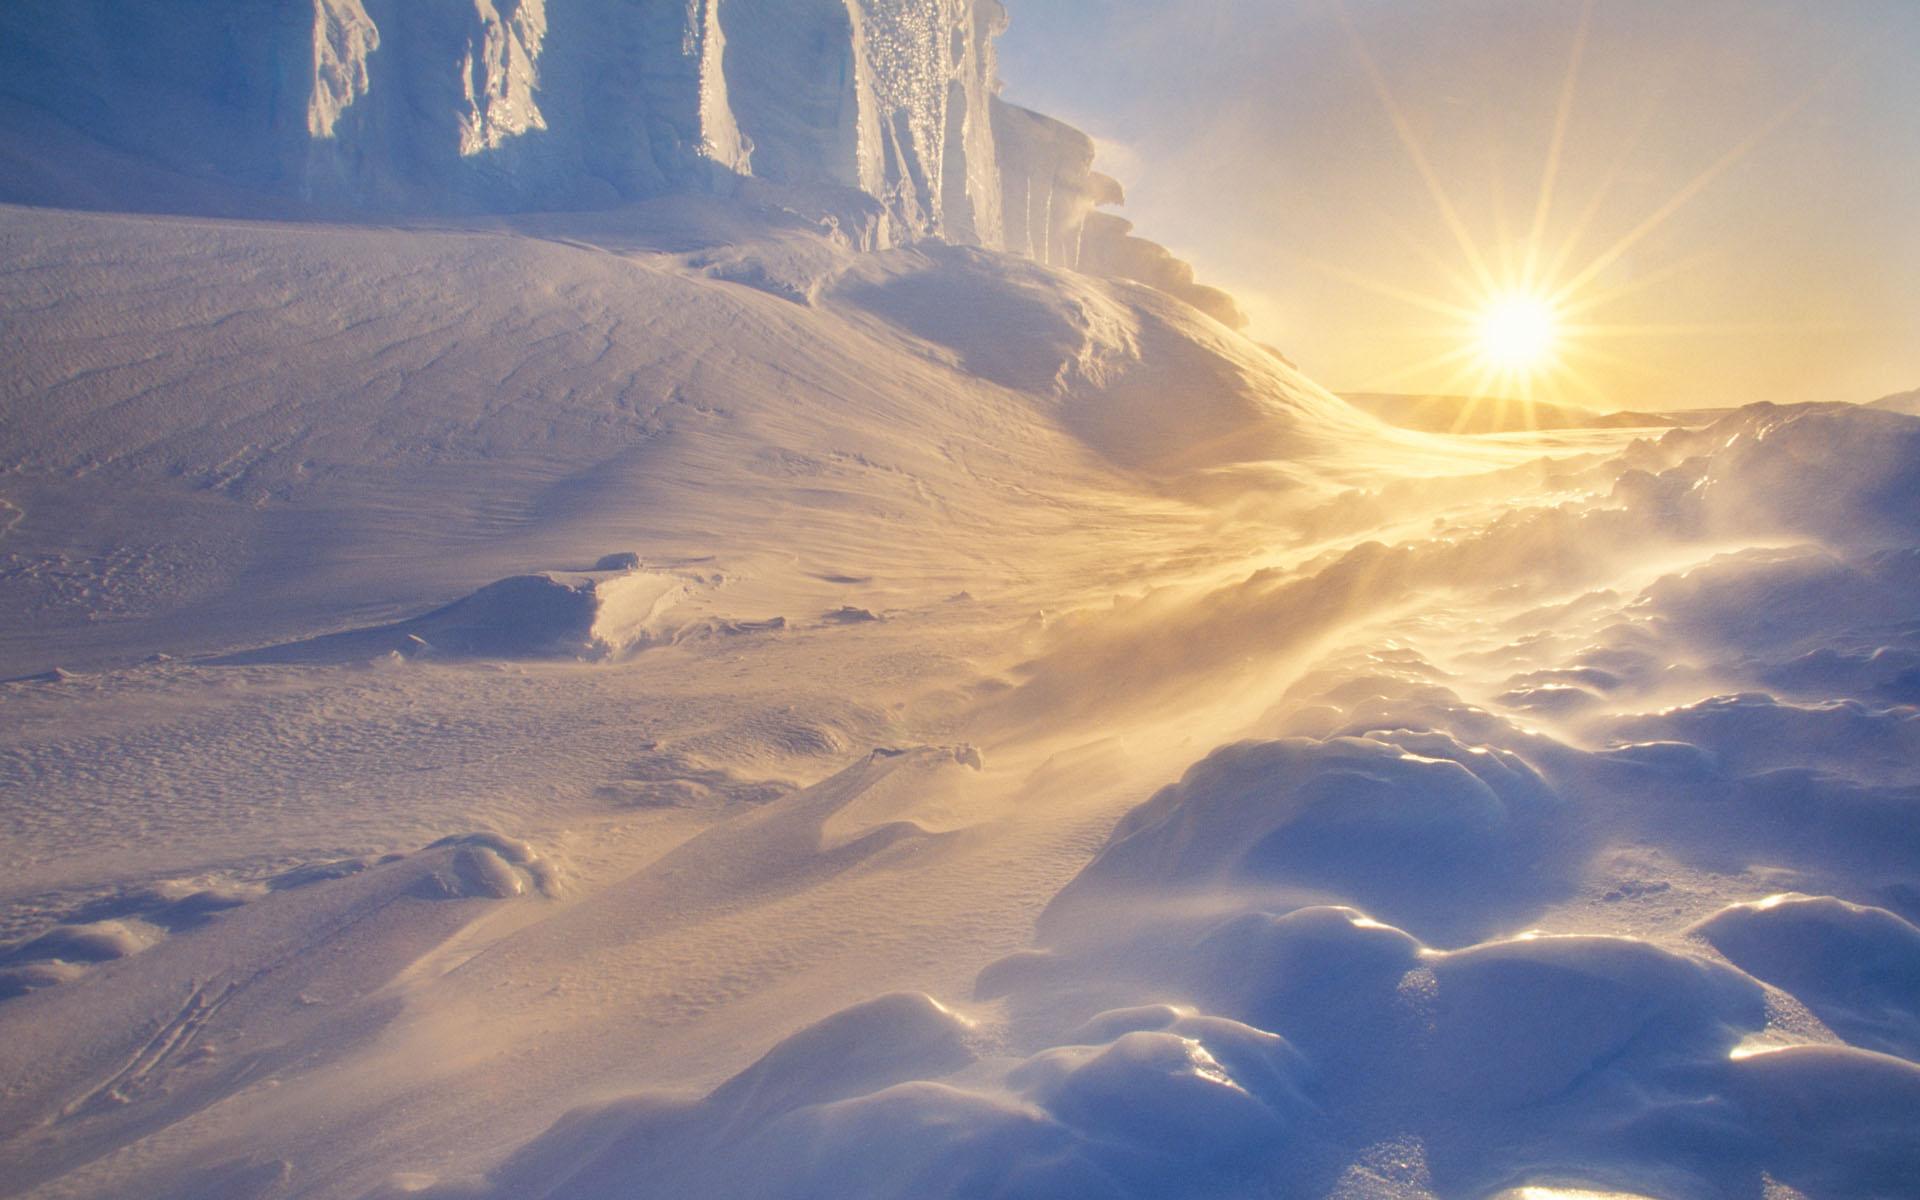 软件下载 桌面壁纸 风景壁纸 南极自然风光主题宽屏壁纸 应用截图